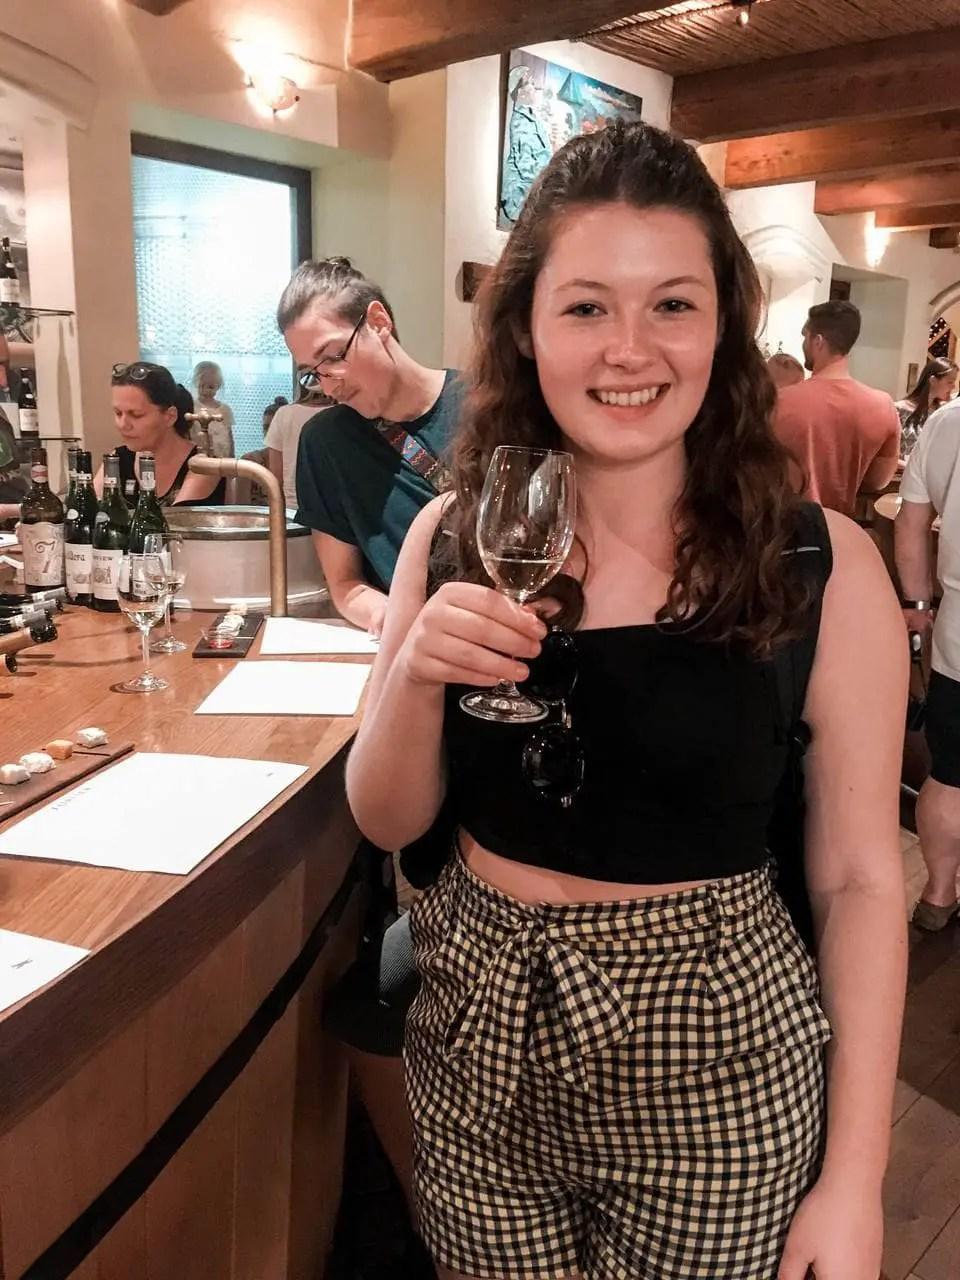 Girl on a Stellenbosh Wine Tour sampling white wine